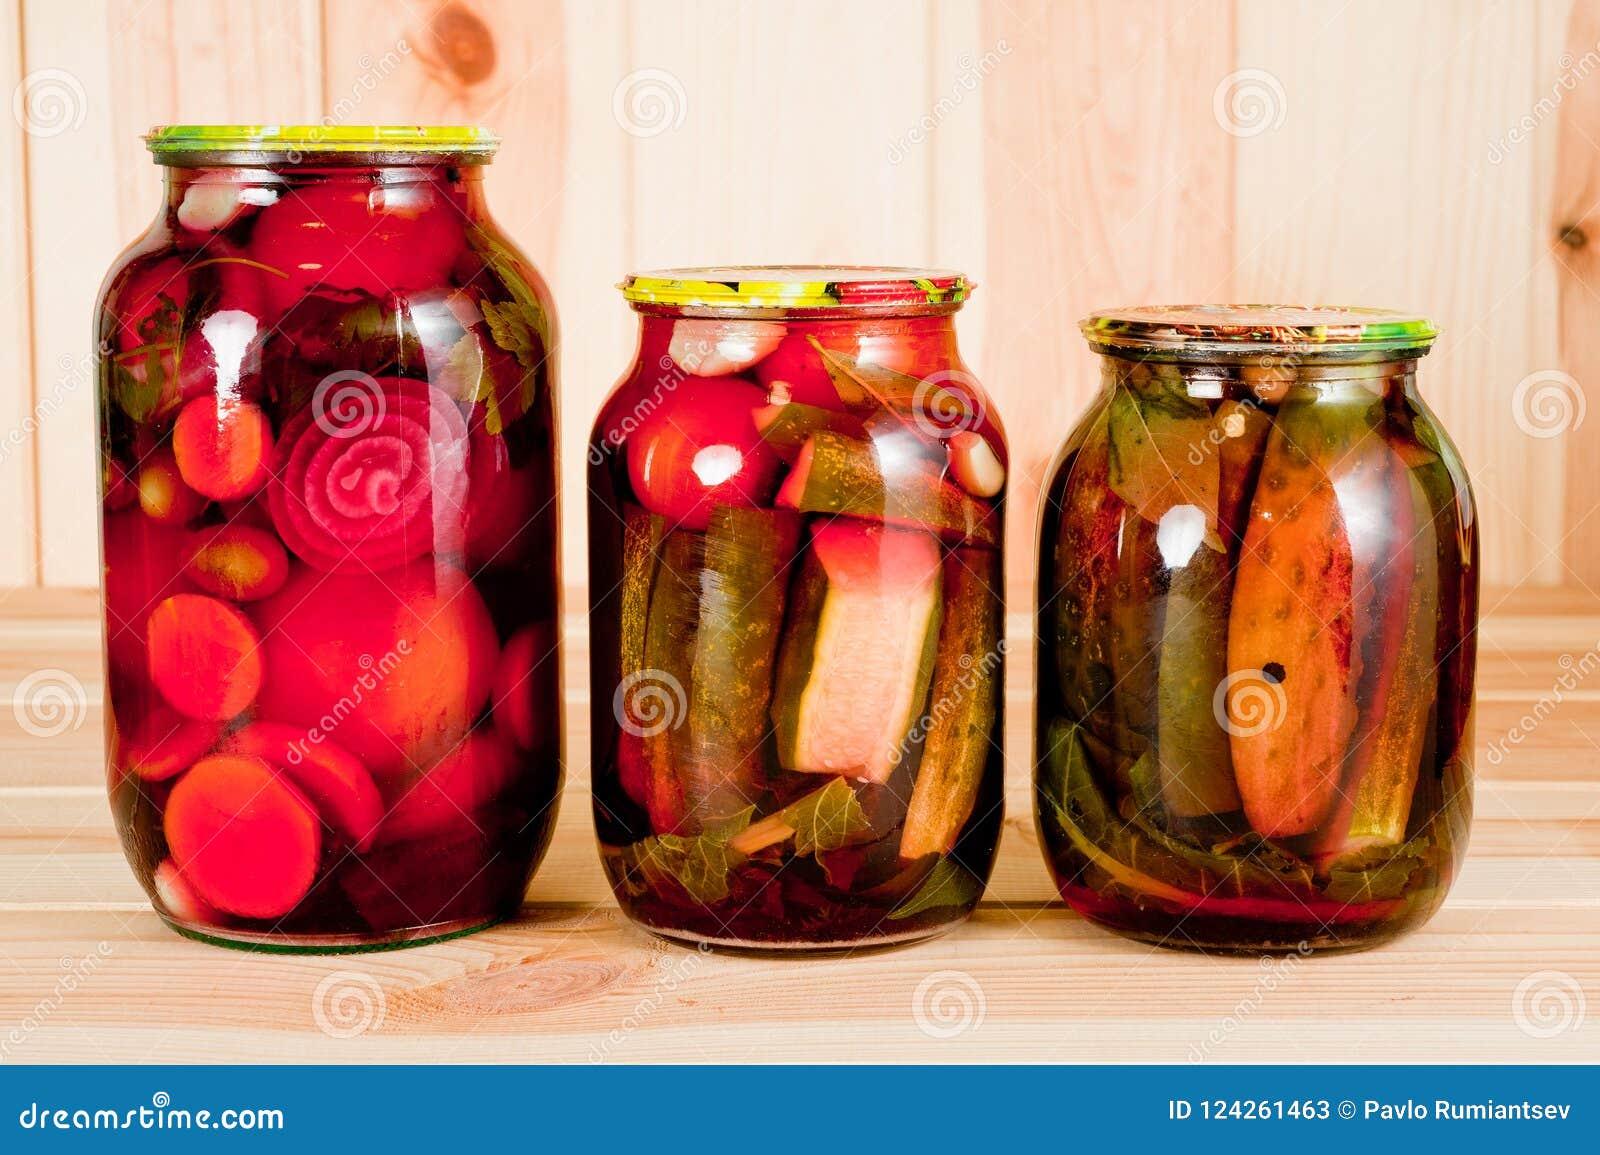 Κονσερβοποιημένα ντομάτες και αγγούρια σε ένα βάζο γυαλιού σε ένα ξύλινο υπόβαθρο